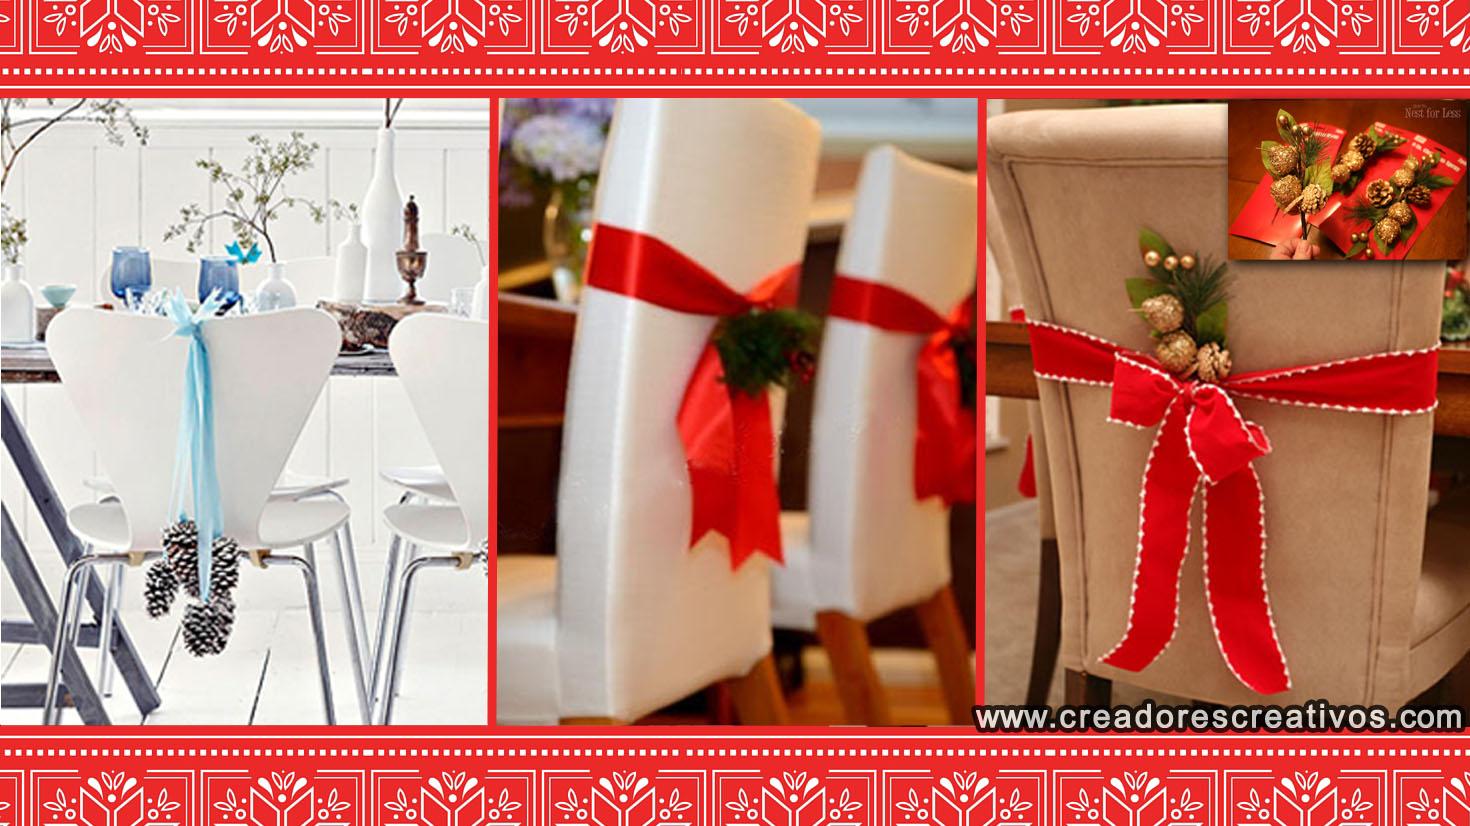 Decoraciones navidenas para el hogar sillas creadores creativos - Decoraciones para hogar ...